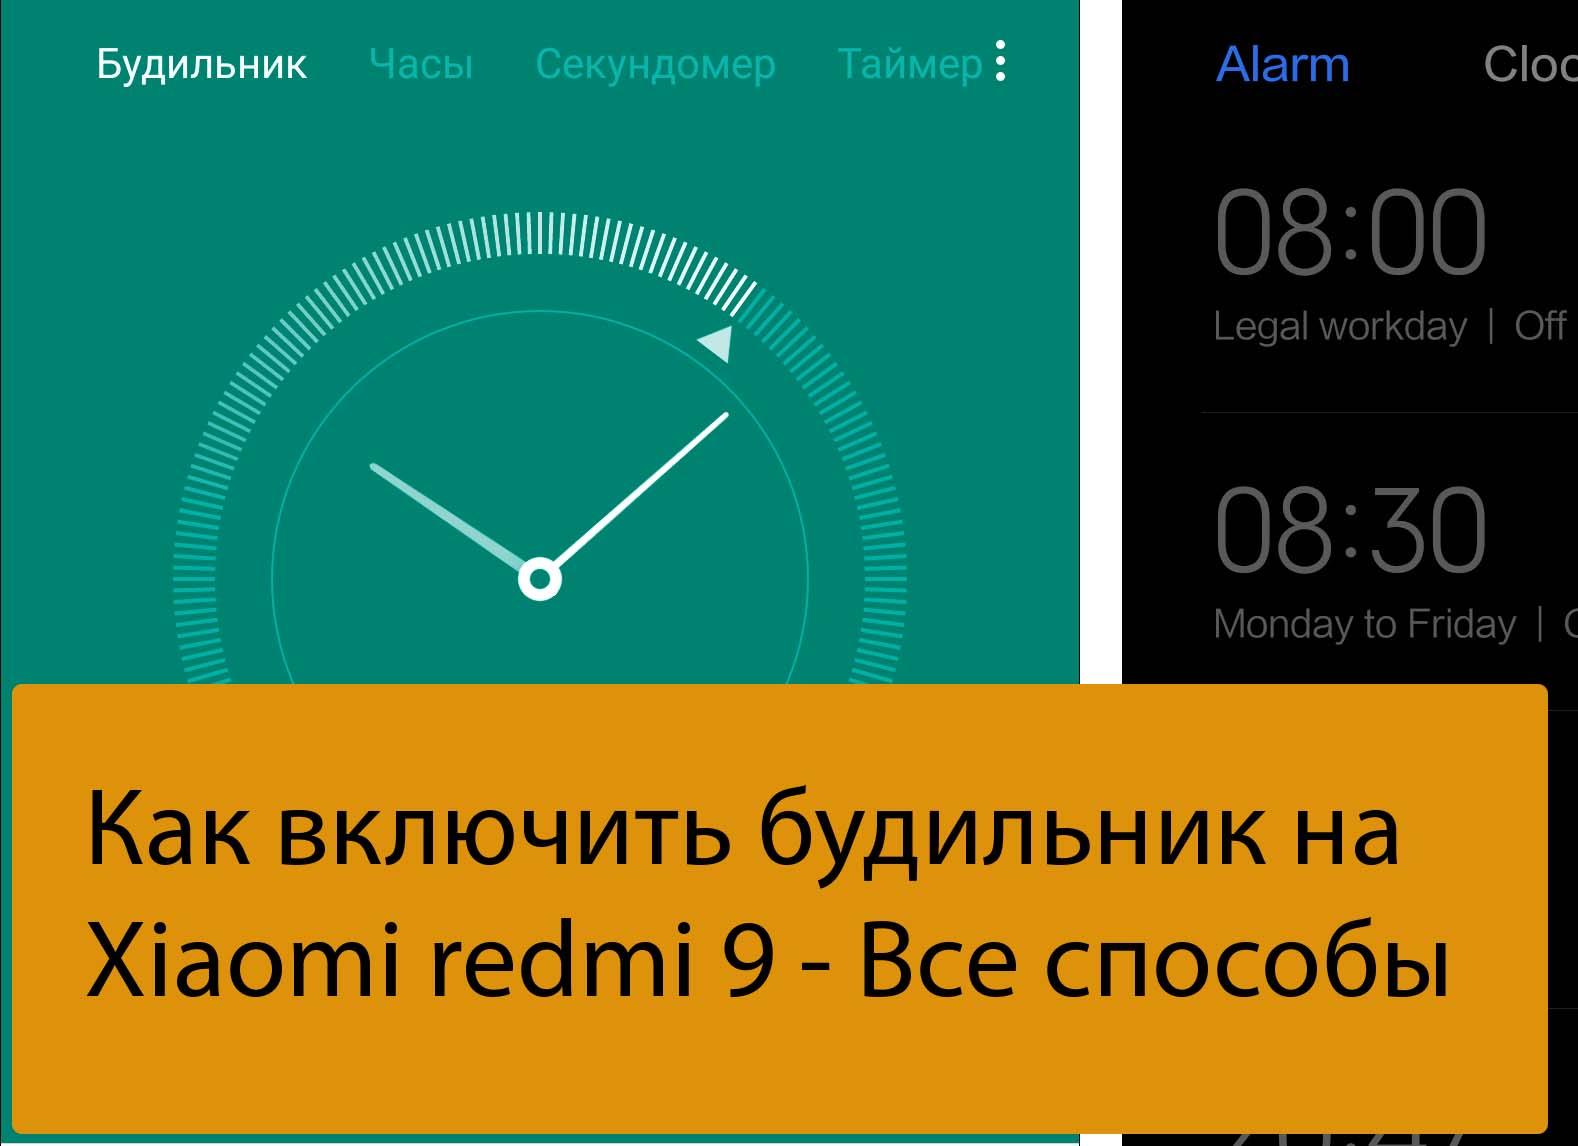 Как включить будильник на Xiaomi redmi 9 - Все способы